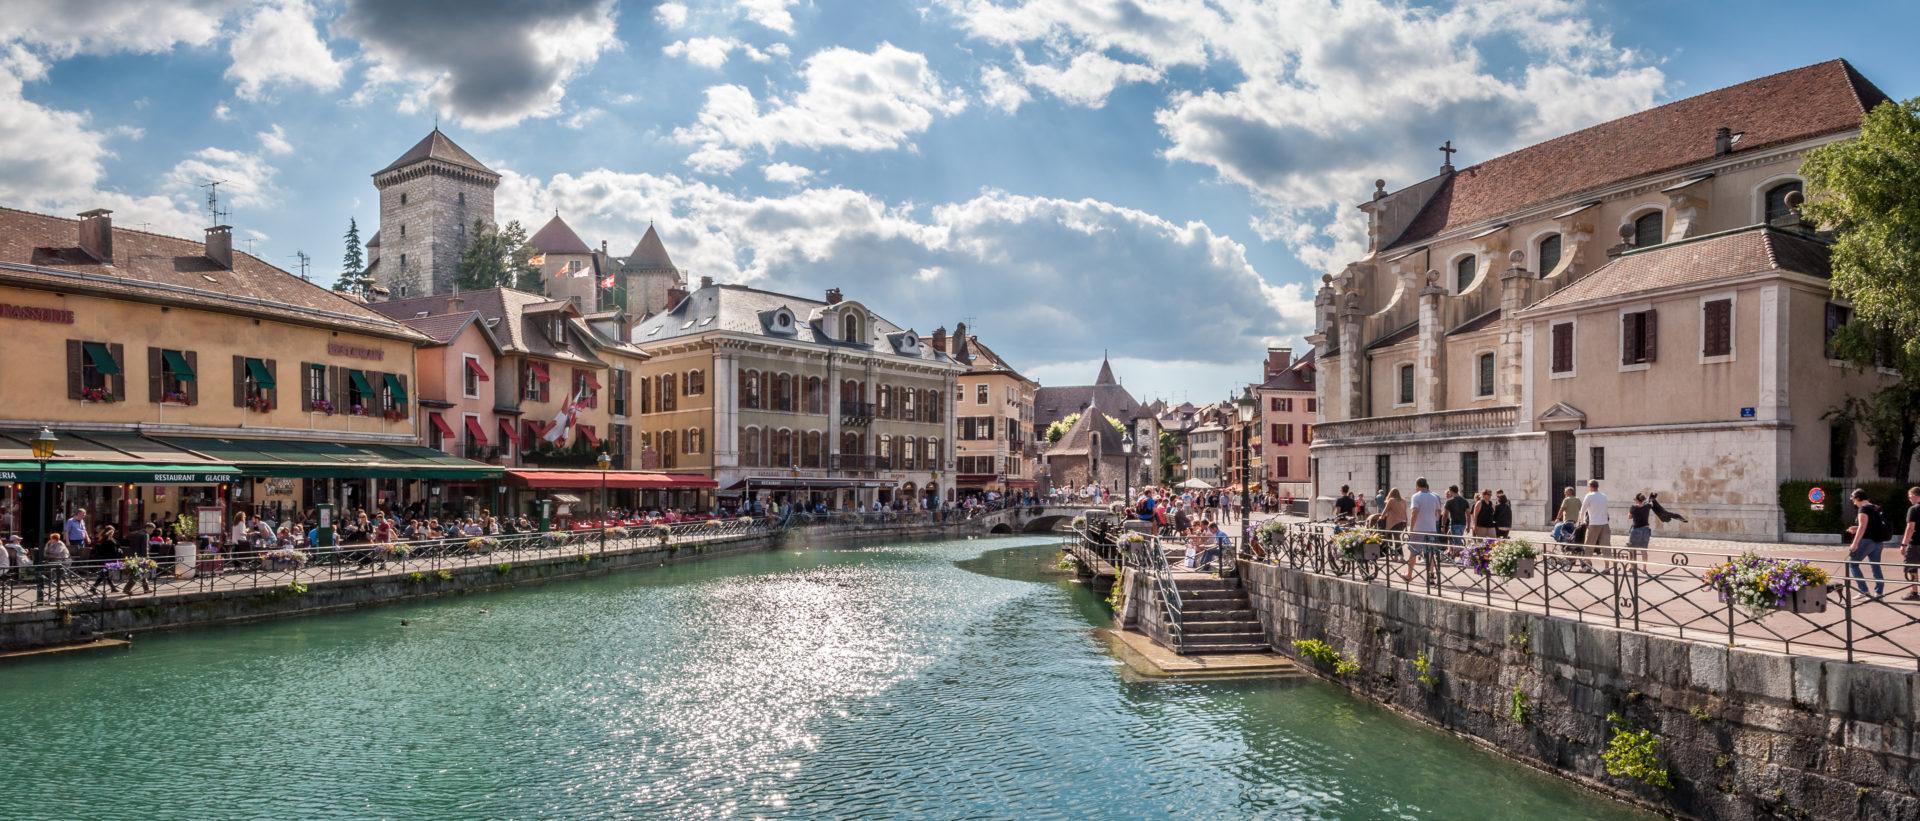 Photo de la vieille ville d'Annecy